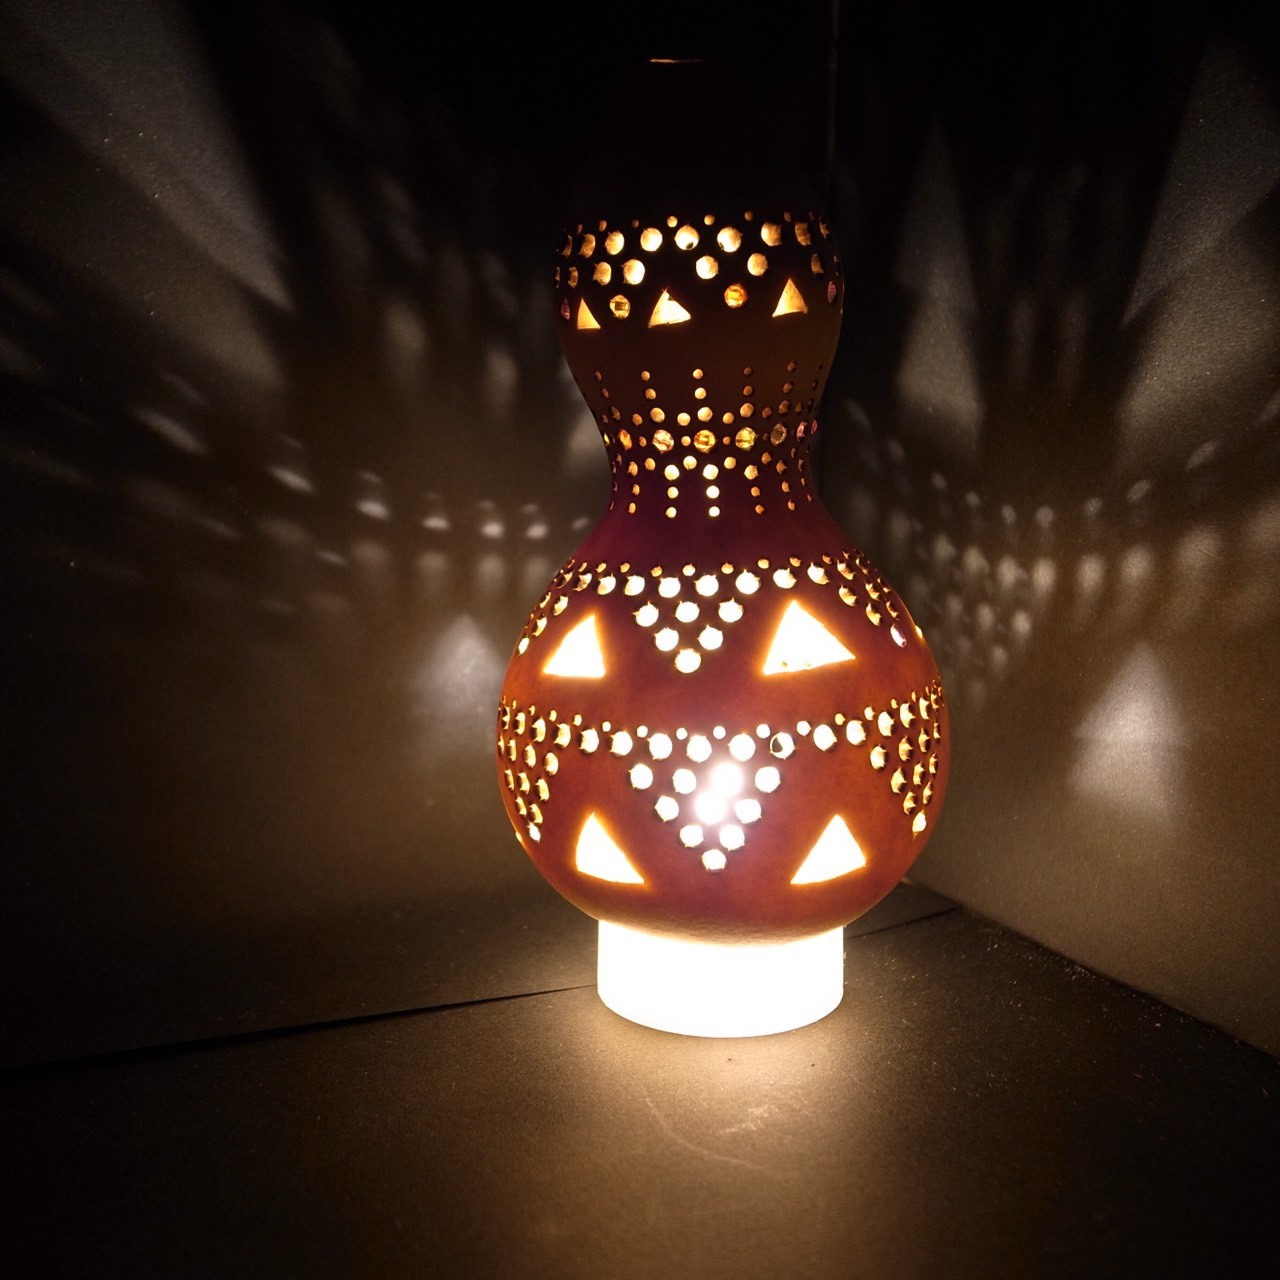 ふわふわ パステル&曼荼羅アート・ひょうたんライト教室